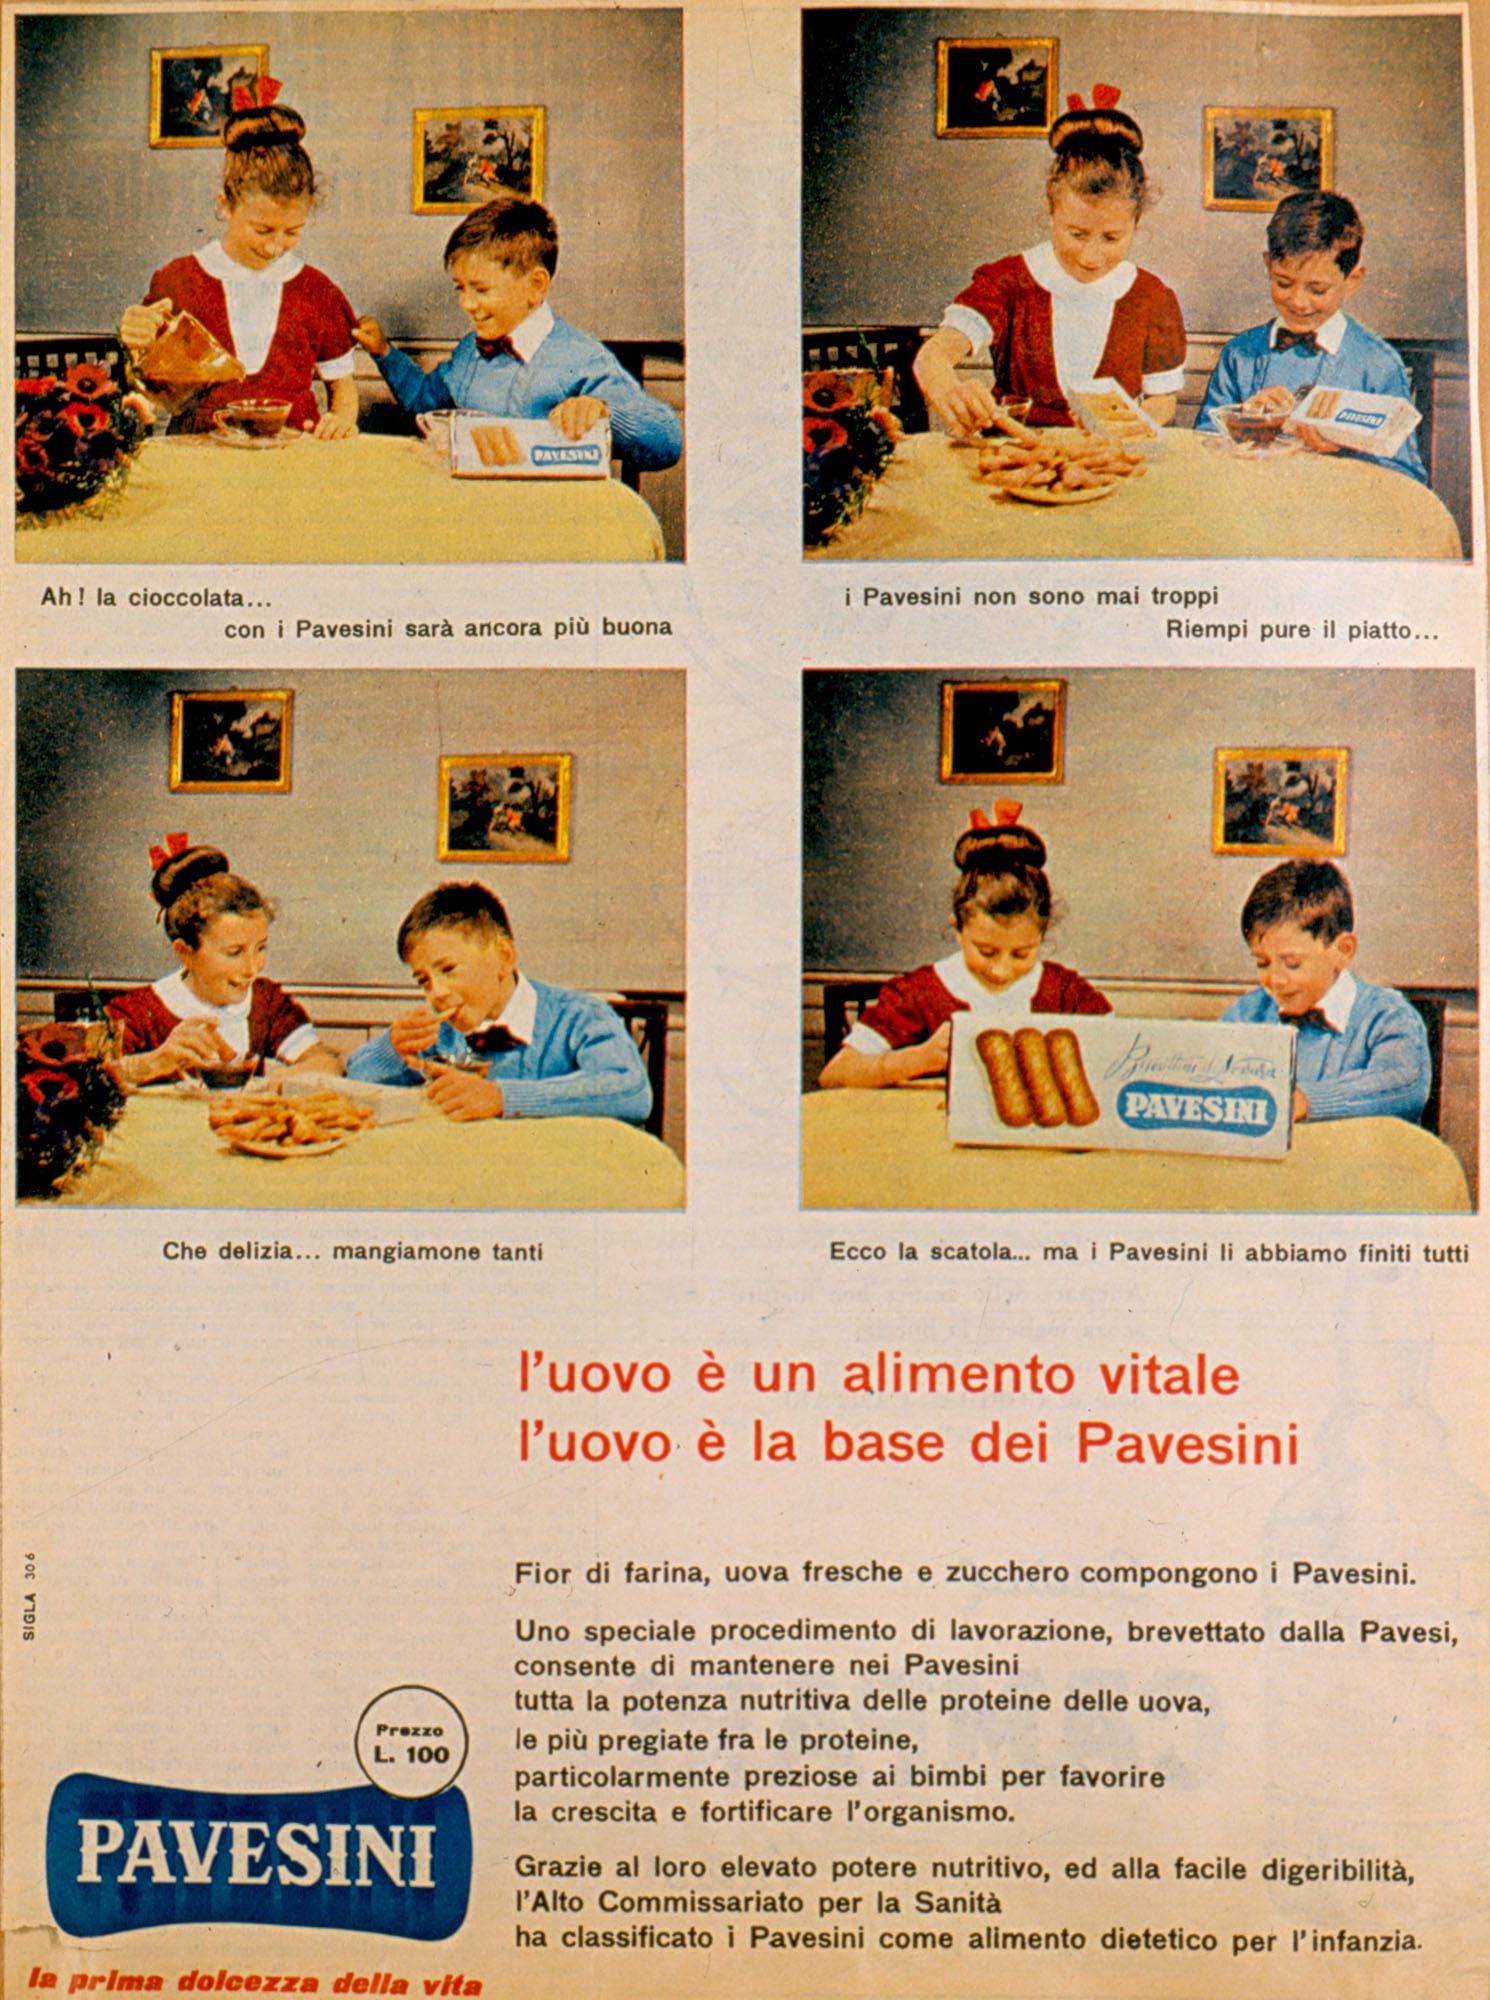 Pubblicità a stampa - L'uovo è un elemento vitale. L'uovo è la base dei Pavesini, 1956